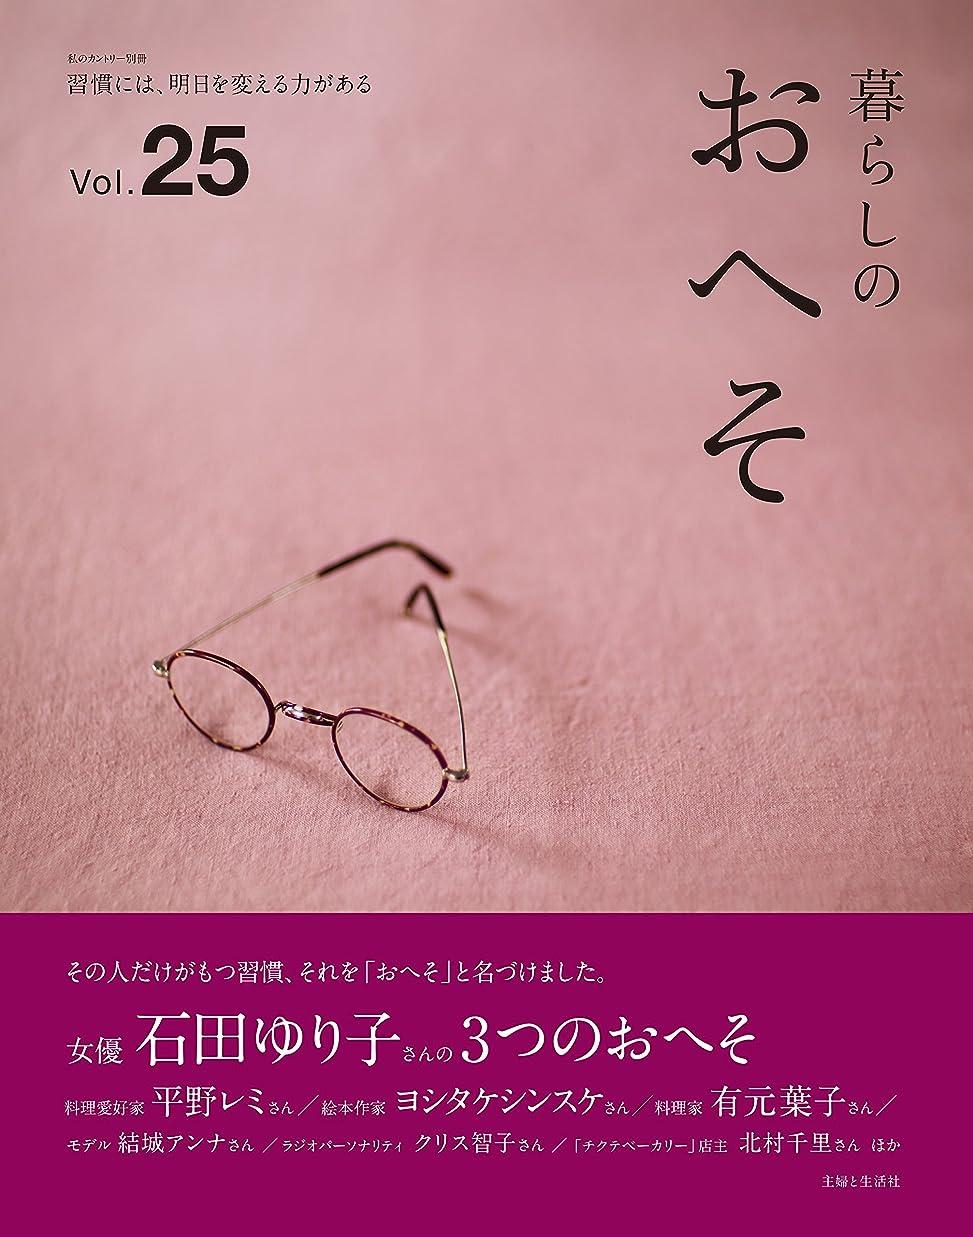 と遊ぶ運命的な支給暮らしのおへそ vol.25 (私のカントリー別冊)